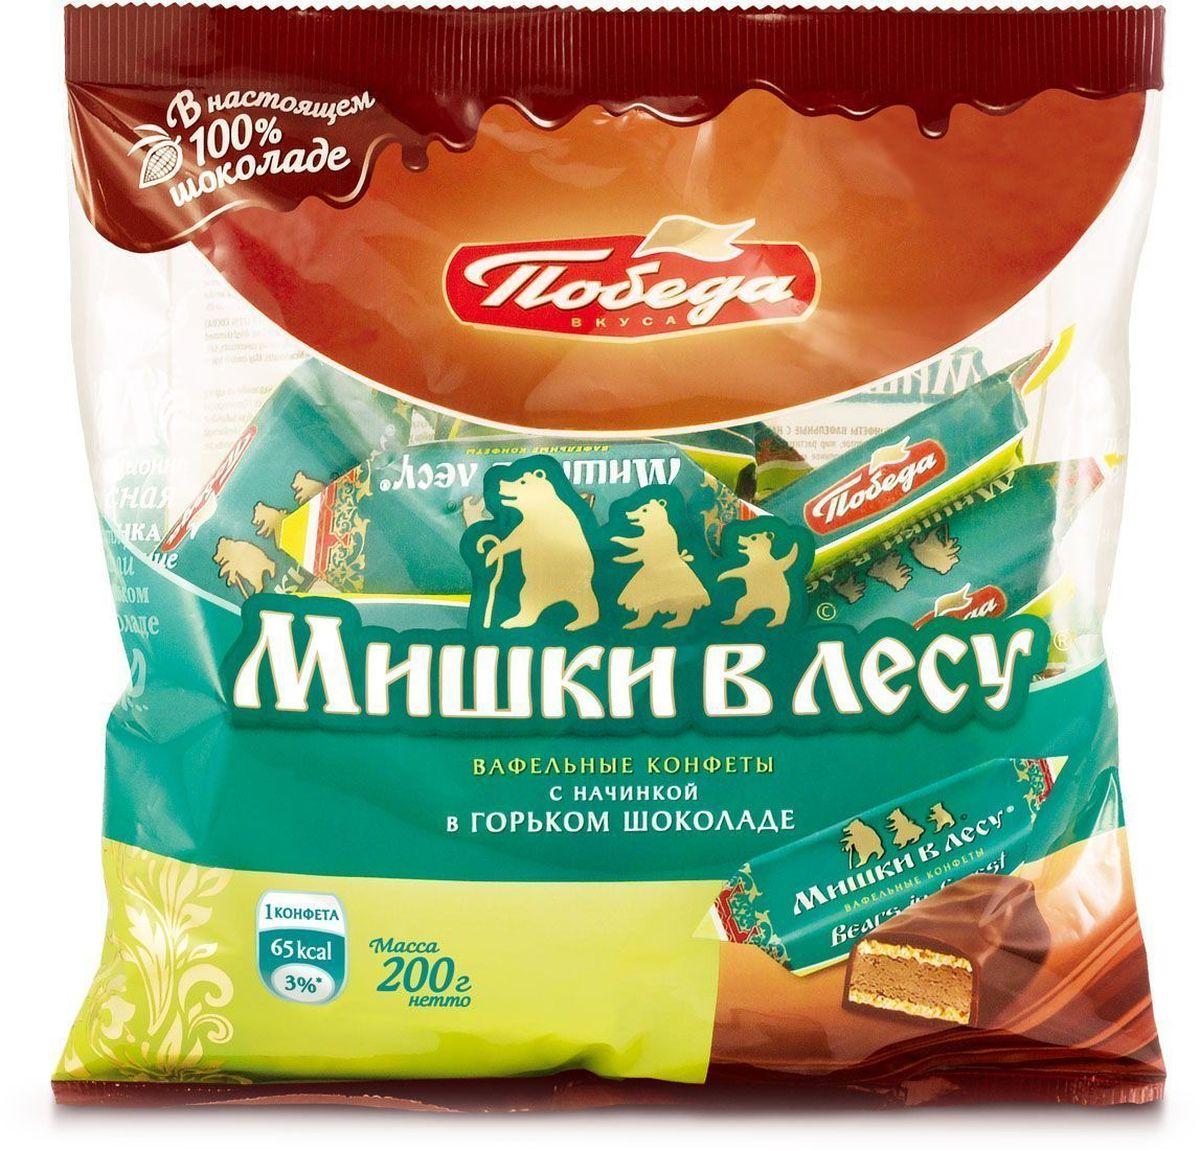 Победа вкуса Мишки в лесу вафельные конфеты с начинкой в горьком шоколаде 72%, 200 г0120710Мягкая молочно-шоколадная начинка с хрустящей вафлей и карамелью в горьком шоколаде 72%. Новое прочтение традиционной рецептуры раскрывает богатство композиции и придает оригинальность вкусовым оттенкам.